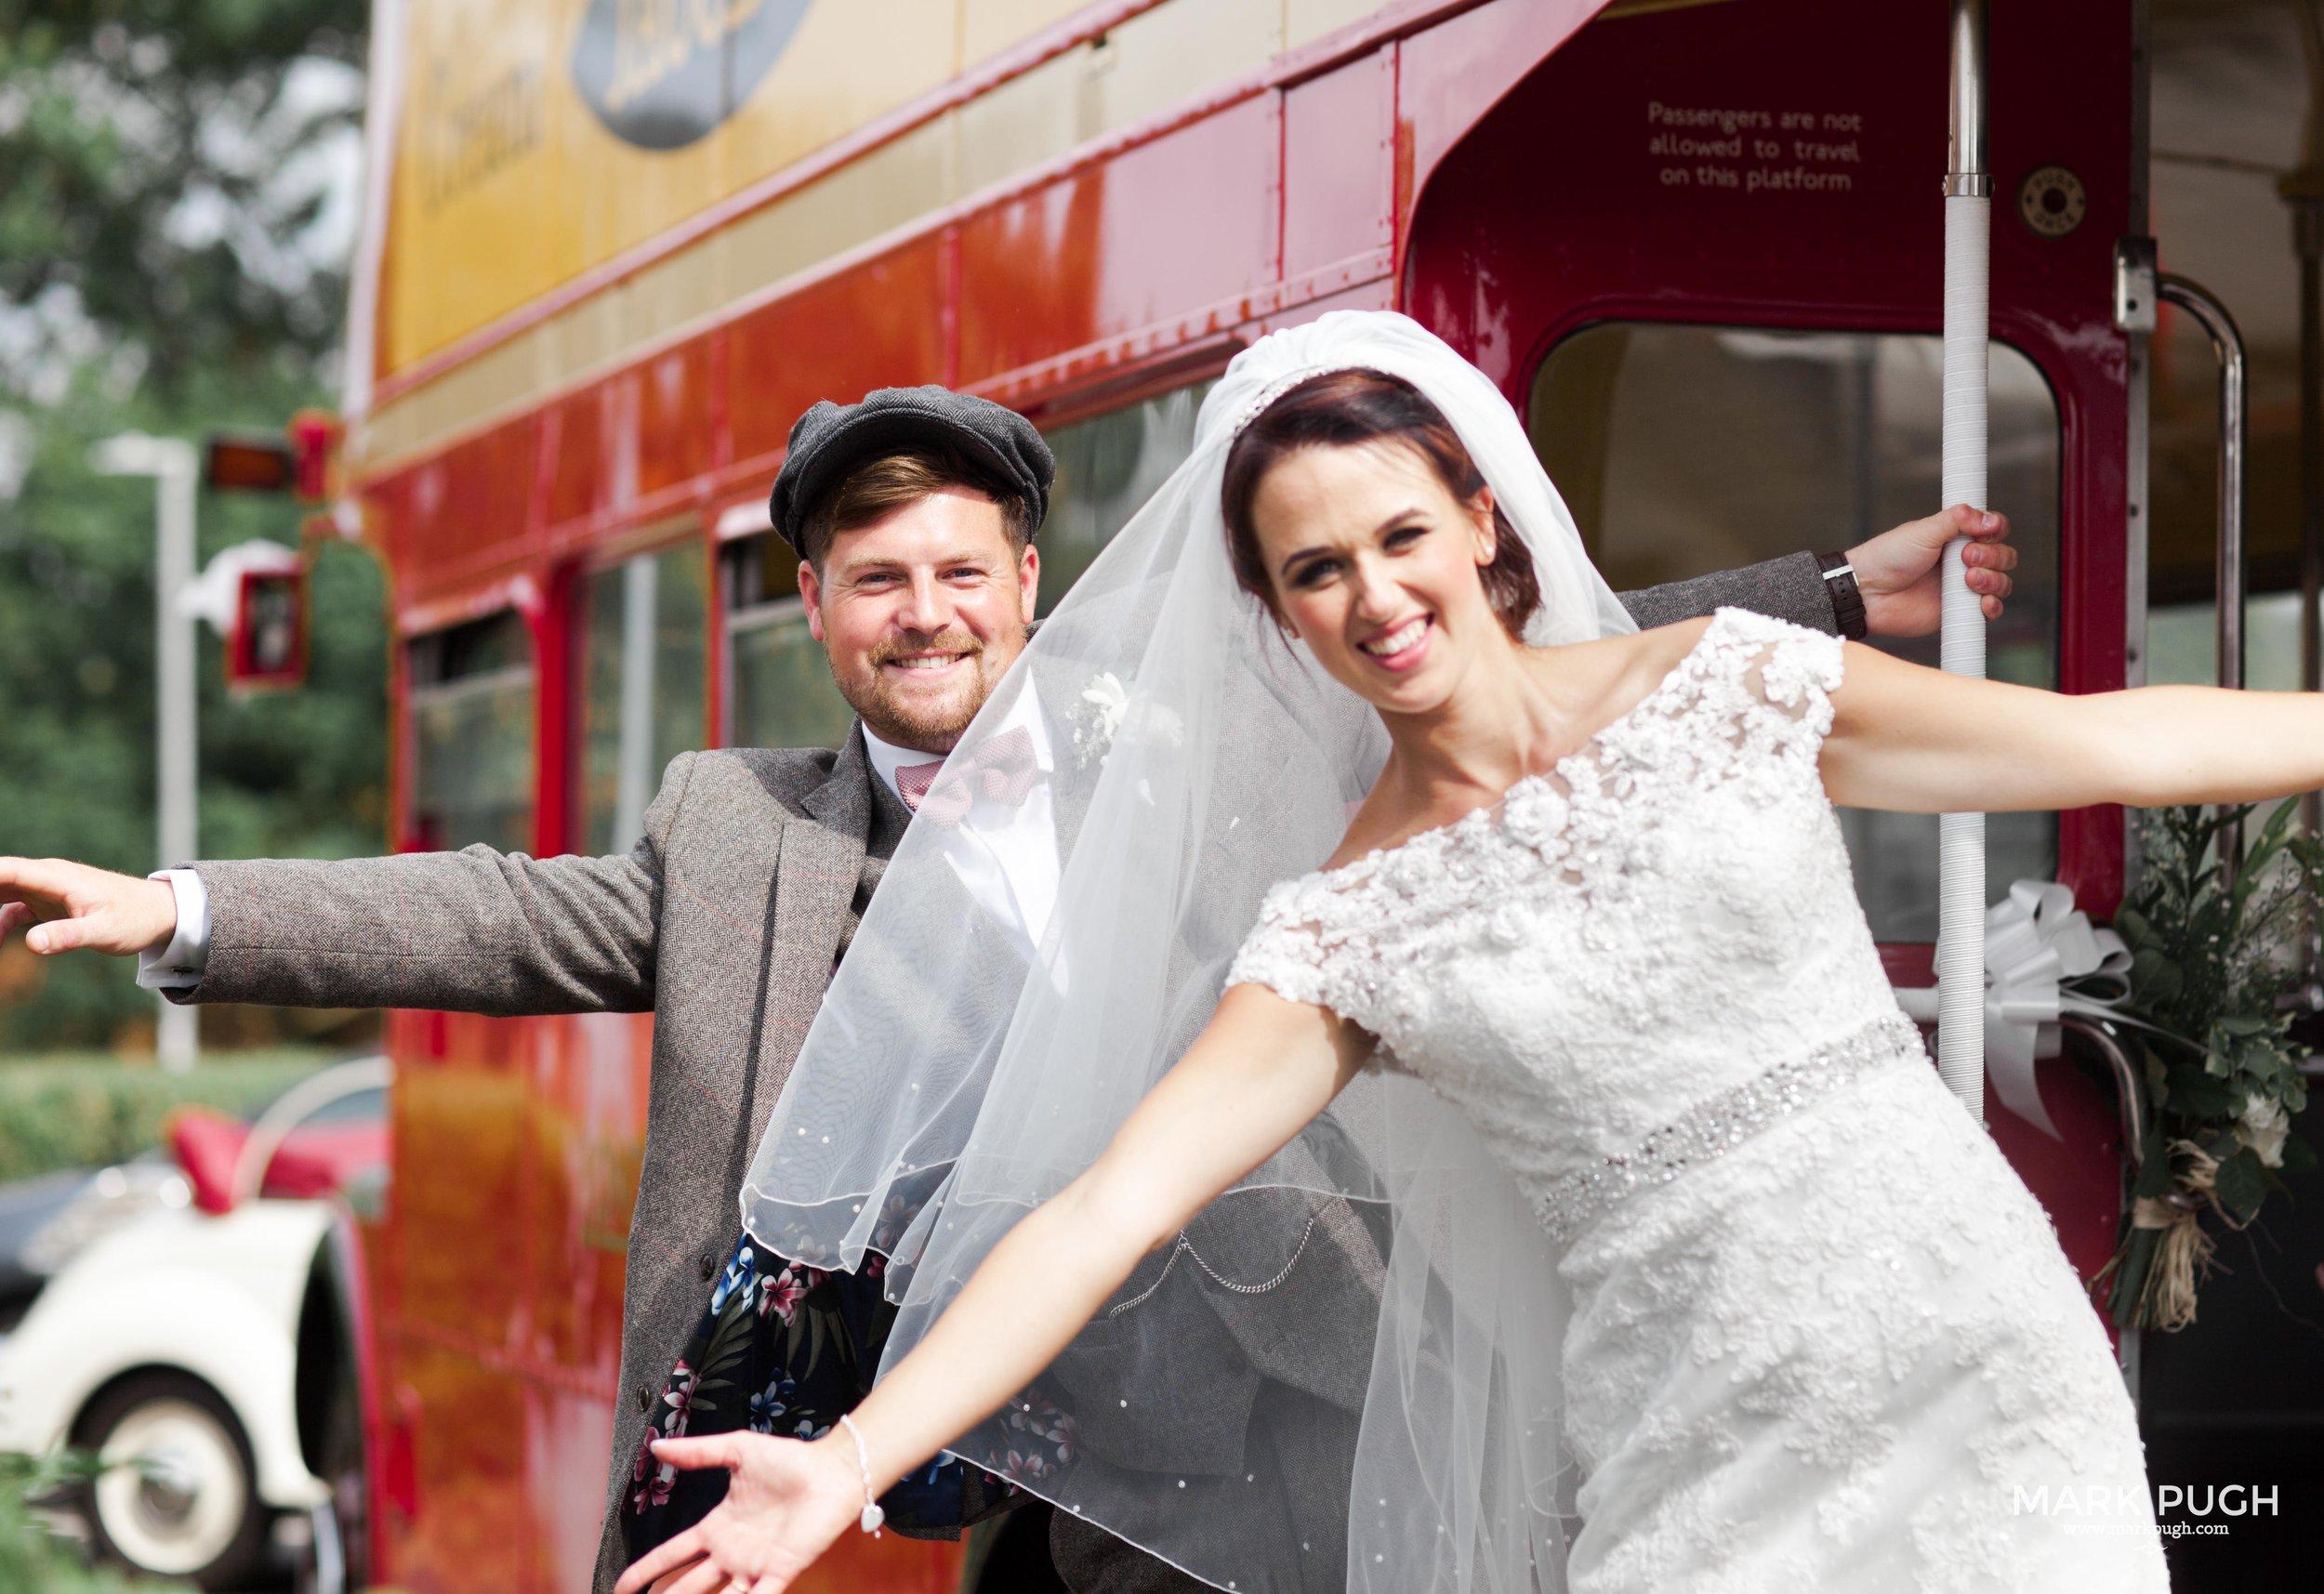 092 - fineART photography by www.markpugh.com Mark Pugh of www.mpmedia.co.uk_.JPG